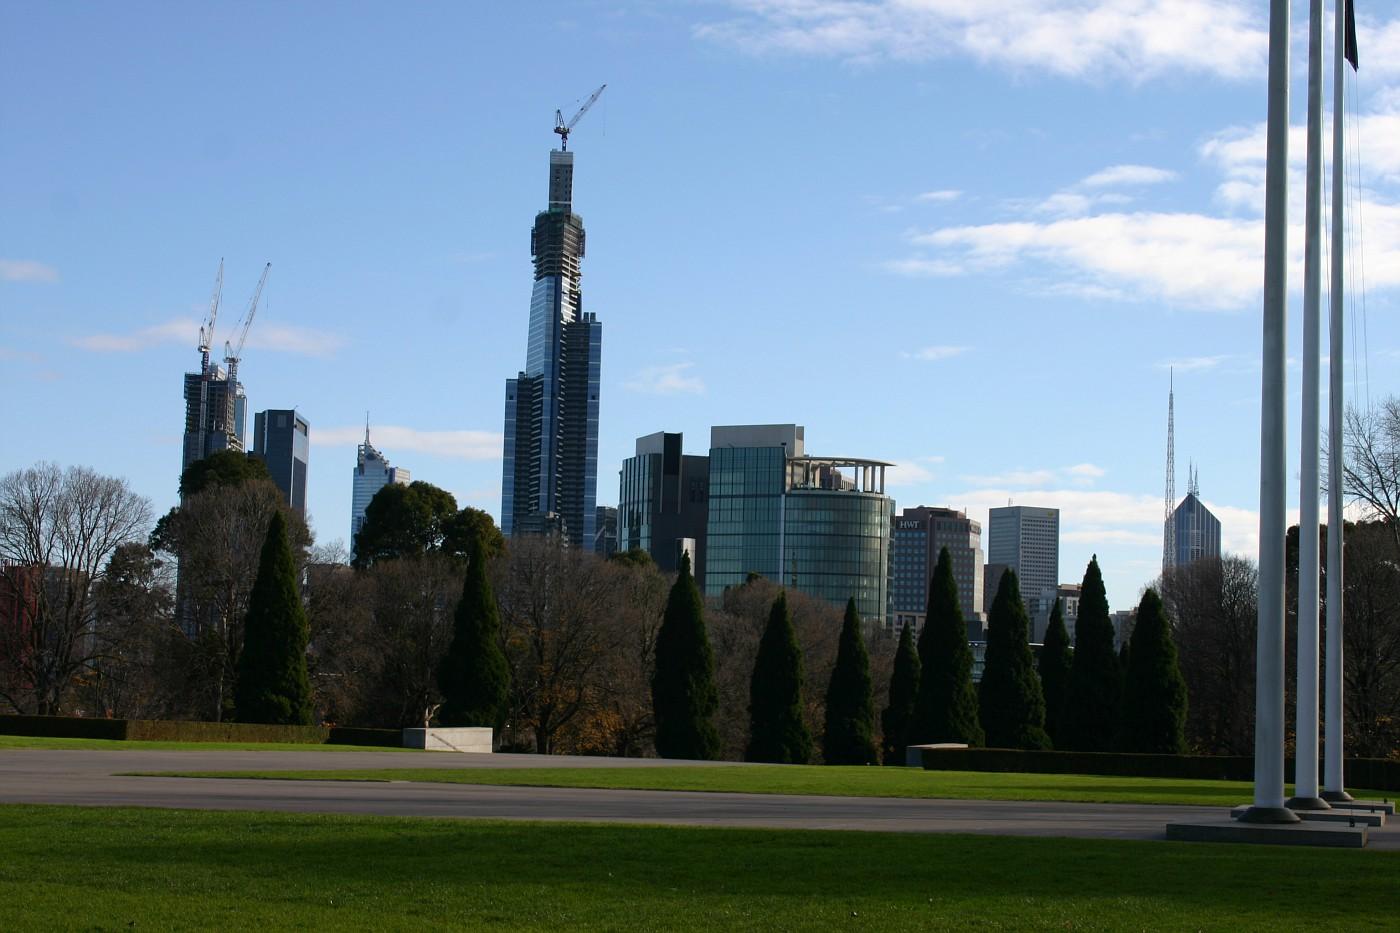 Australia2005 225.jpg